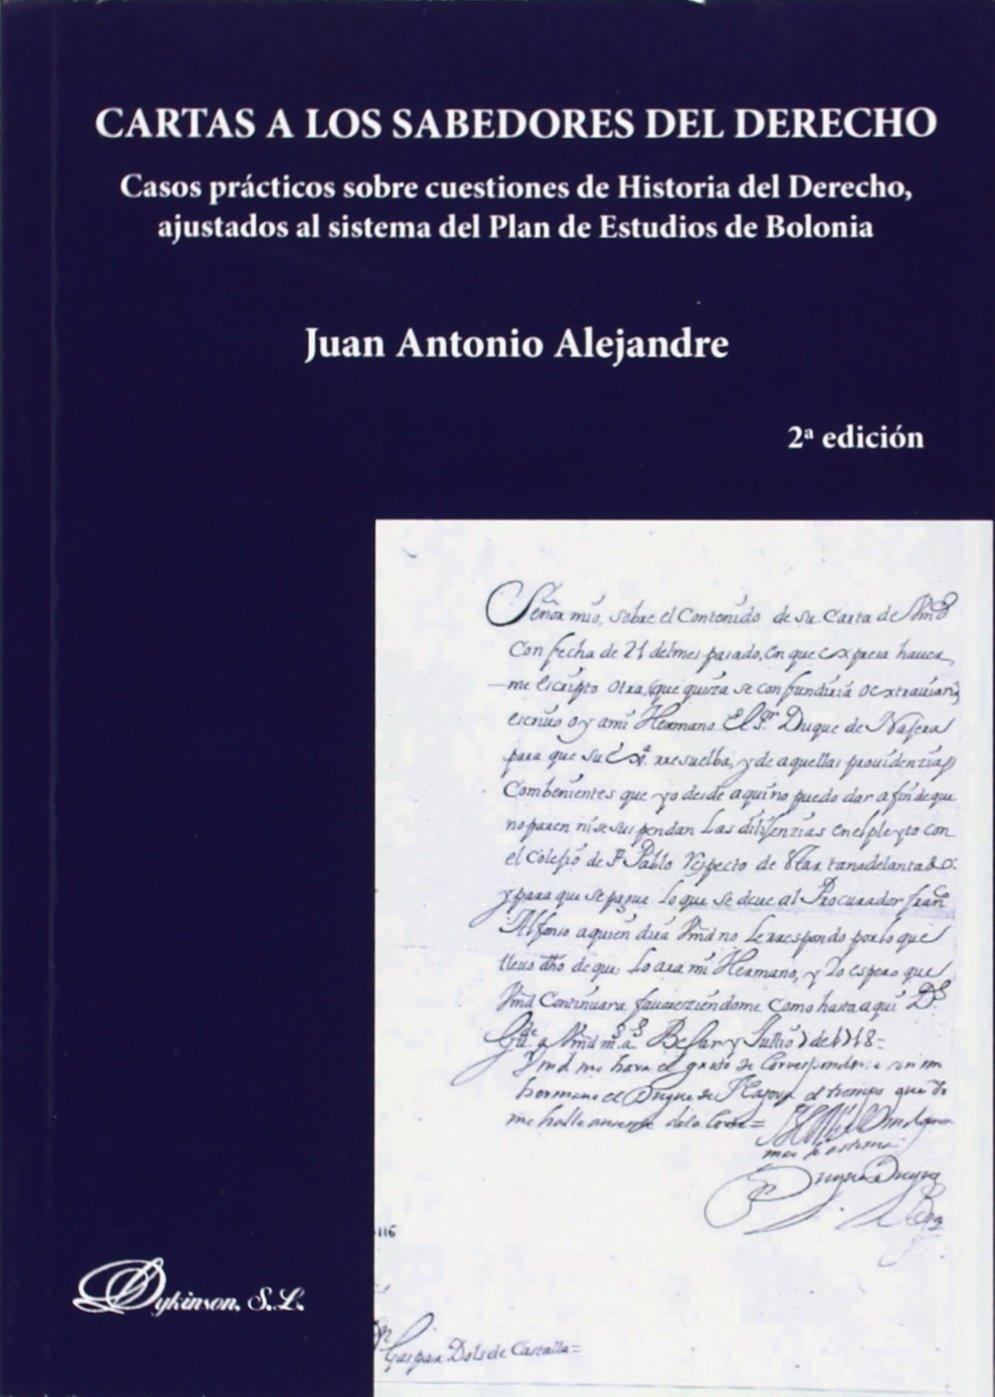 Cartas a los sabedores del derecho (2ª ed.): Amazon.es: Juan ...